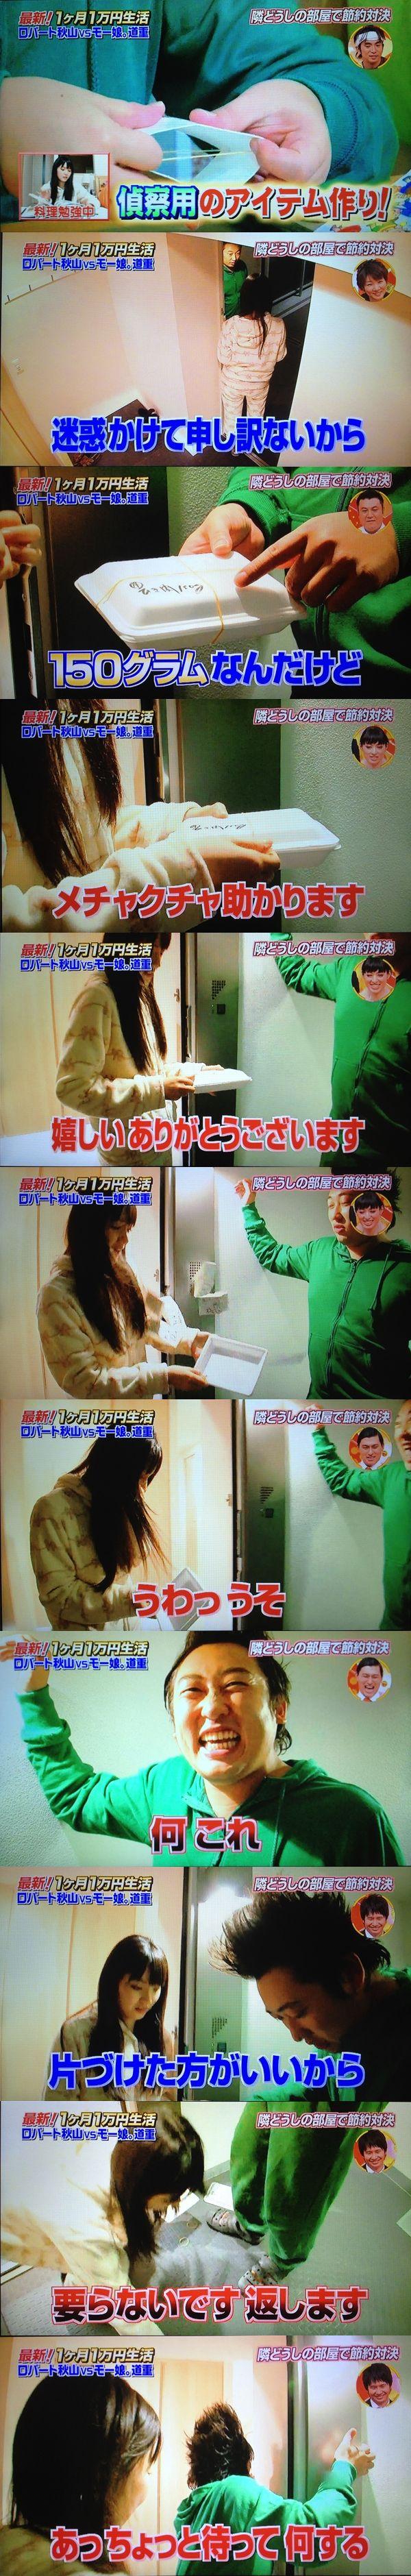 黄金伝説「秋山VS道重」4